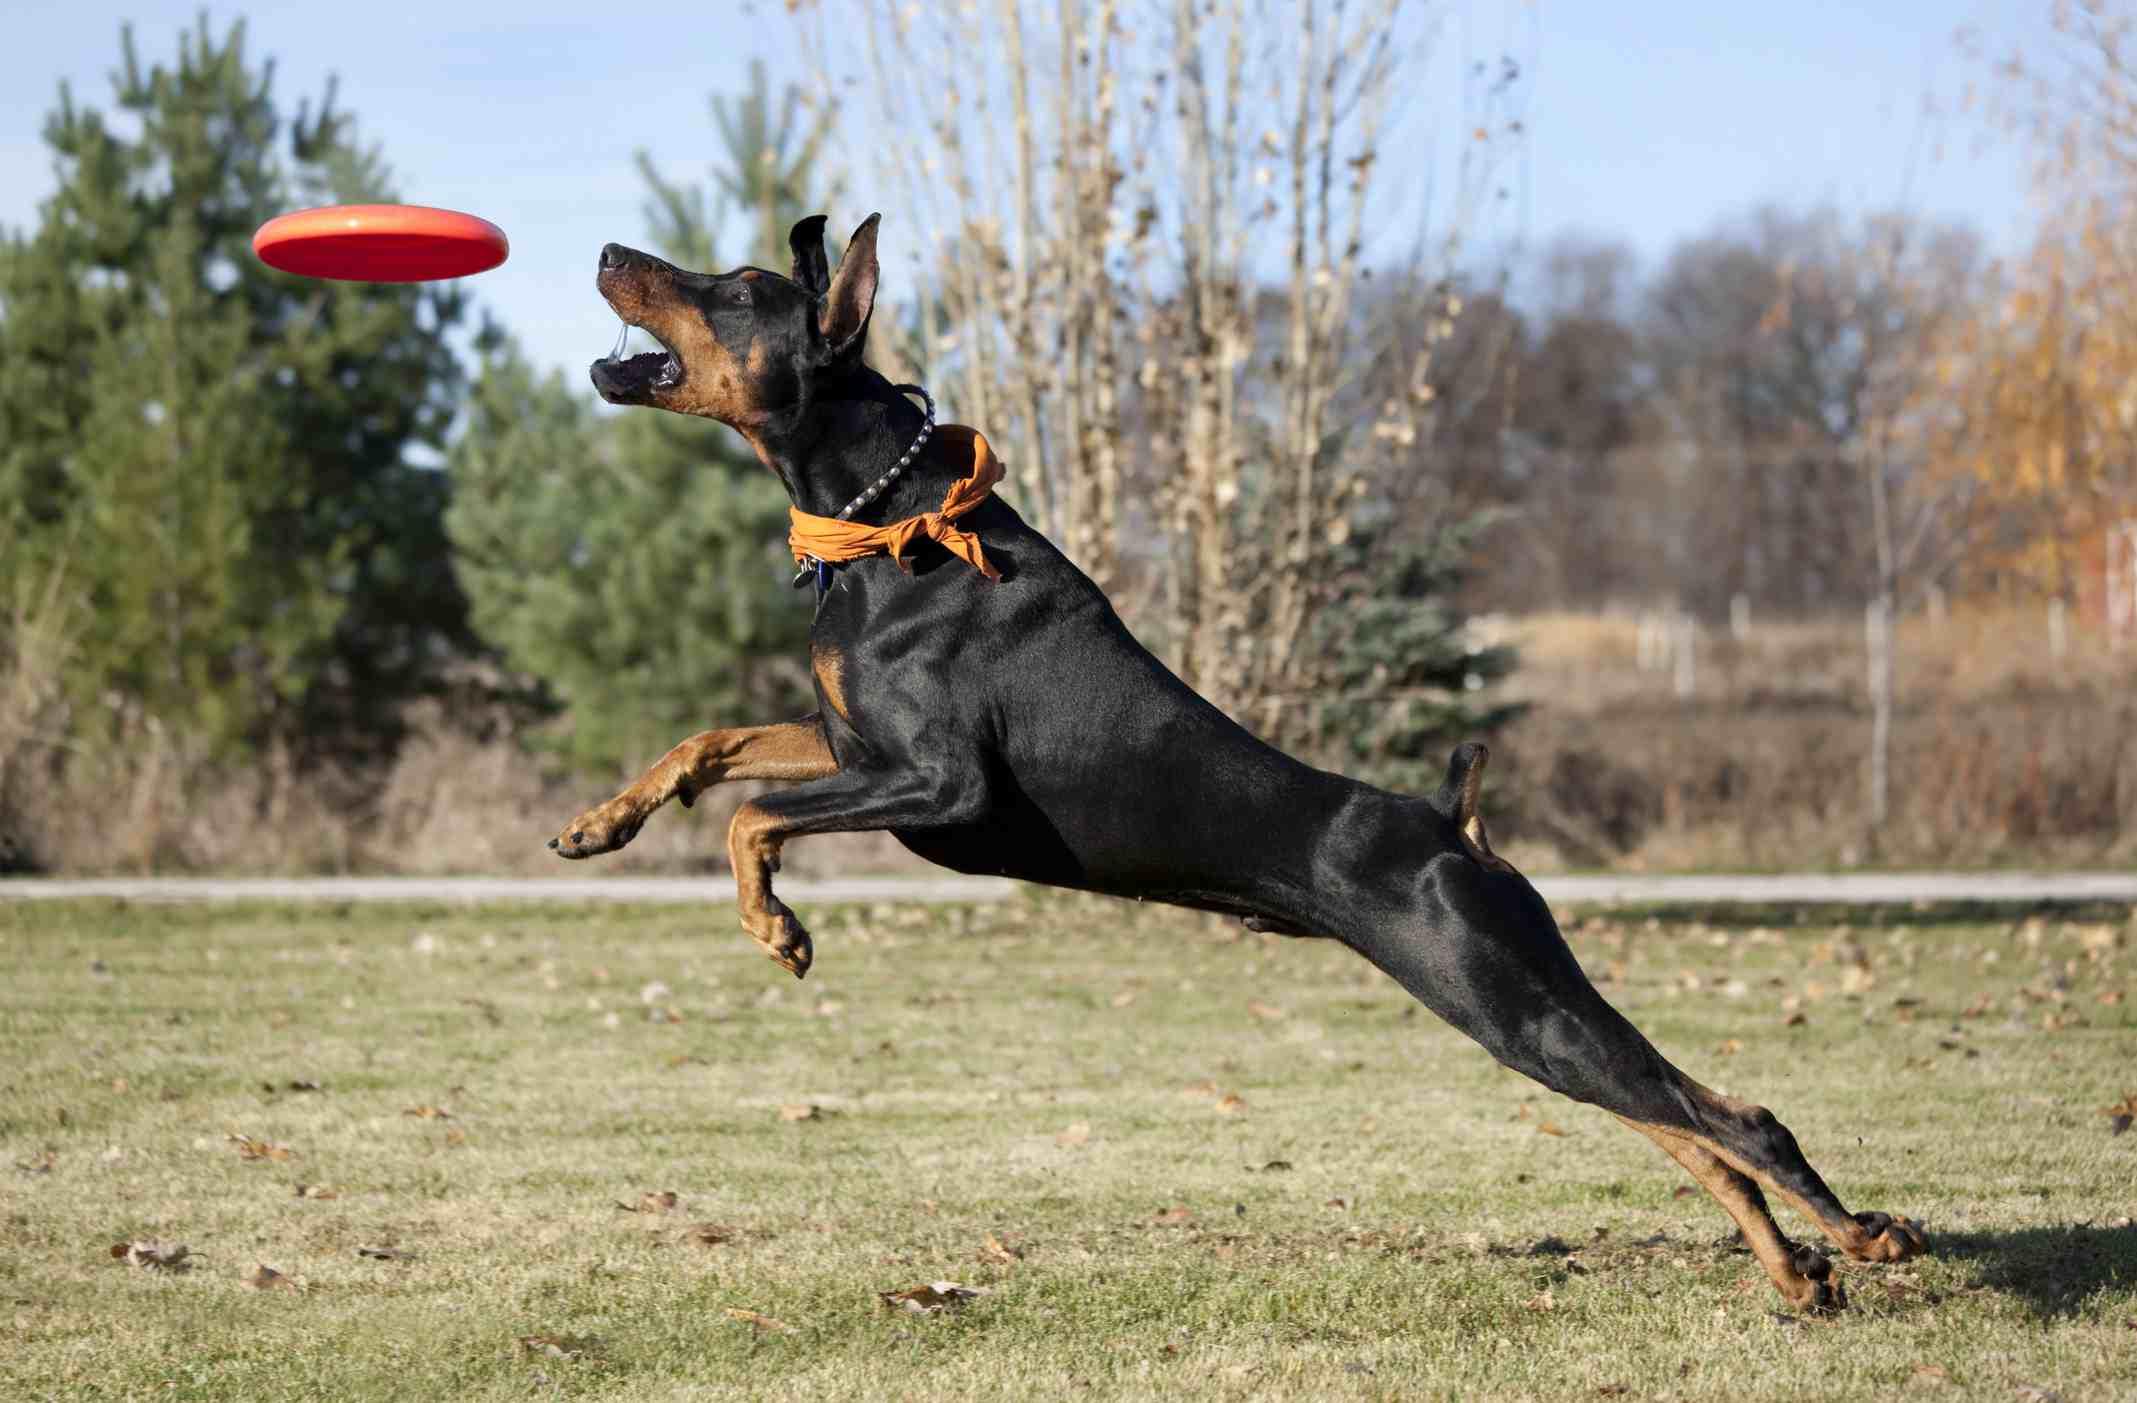 Doberman Pinscher catching frisbee